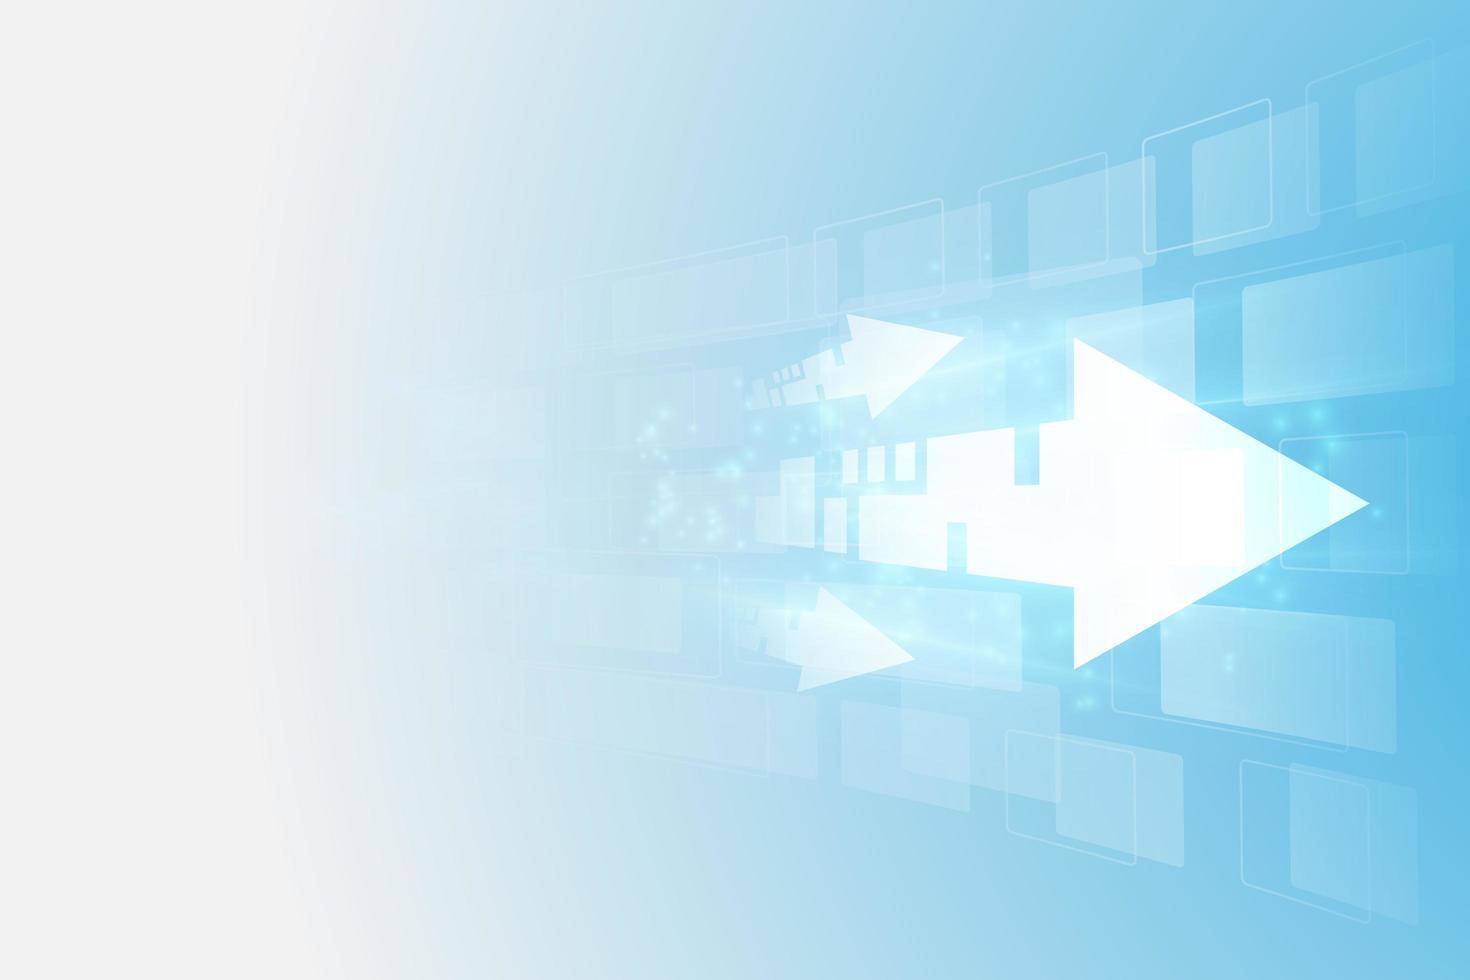 abstrakt framtida digital hastighetsteknik vektor